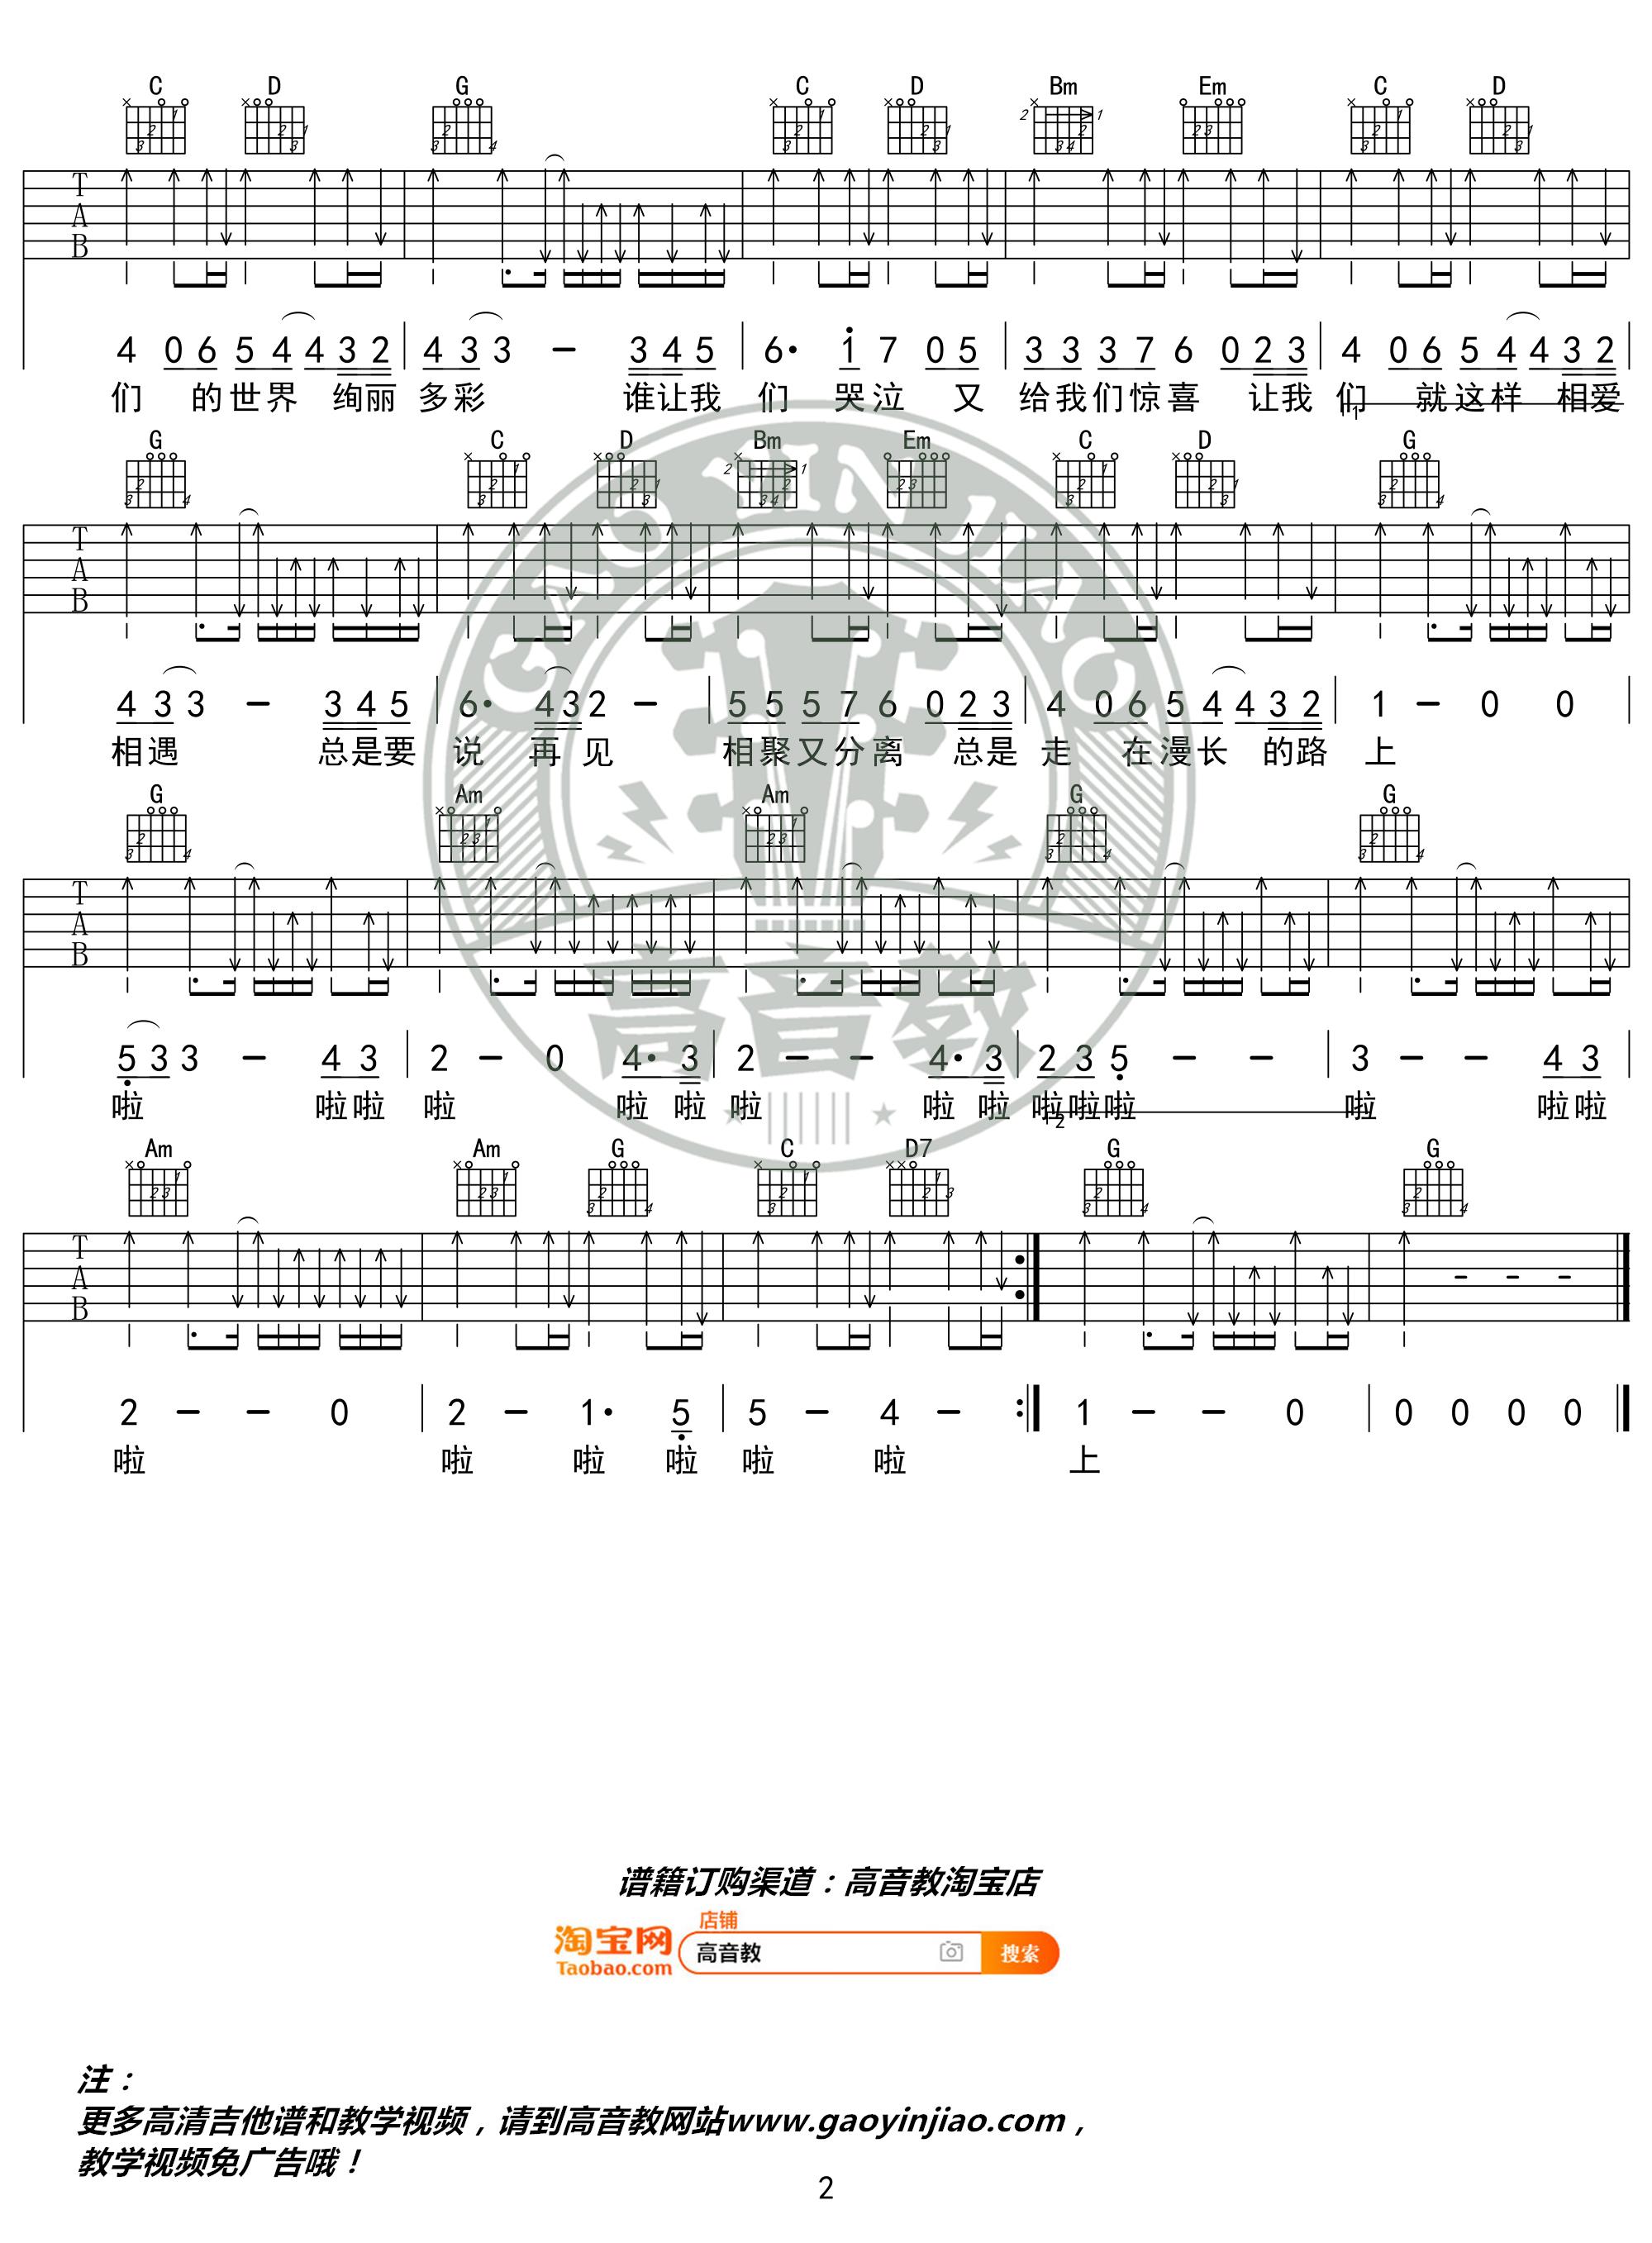 旅行吉他谱(图片谱,弹唱,G调,精华版)_许巍_《旅行》G调精华版02.jpg